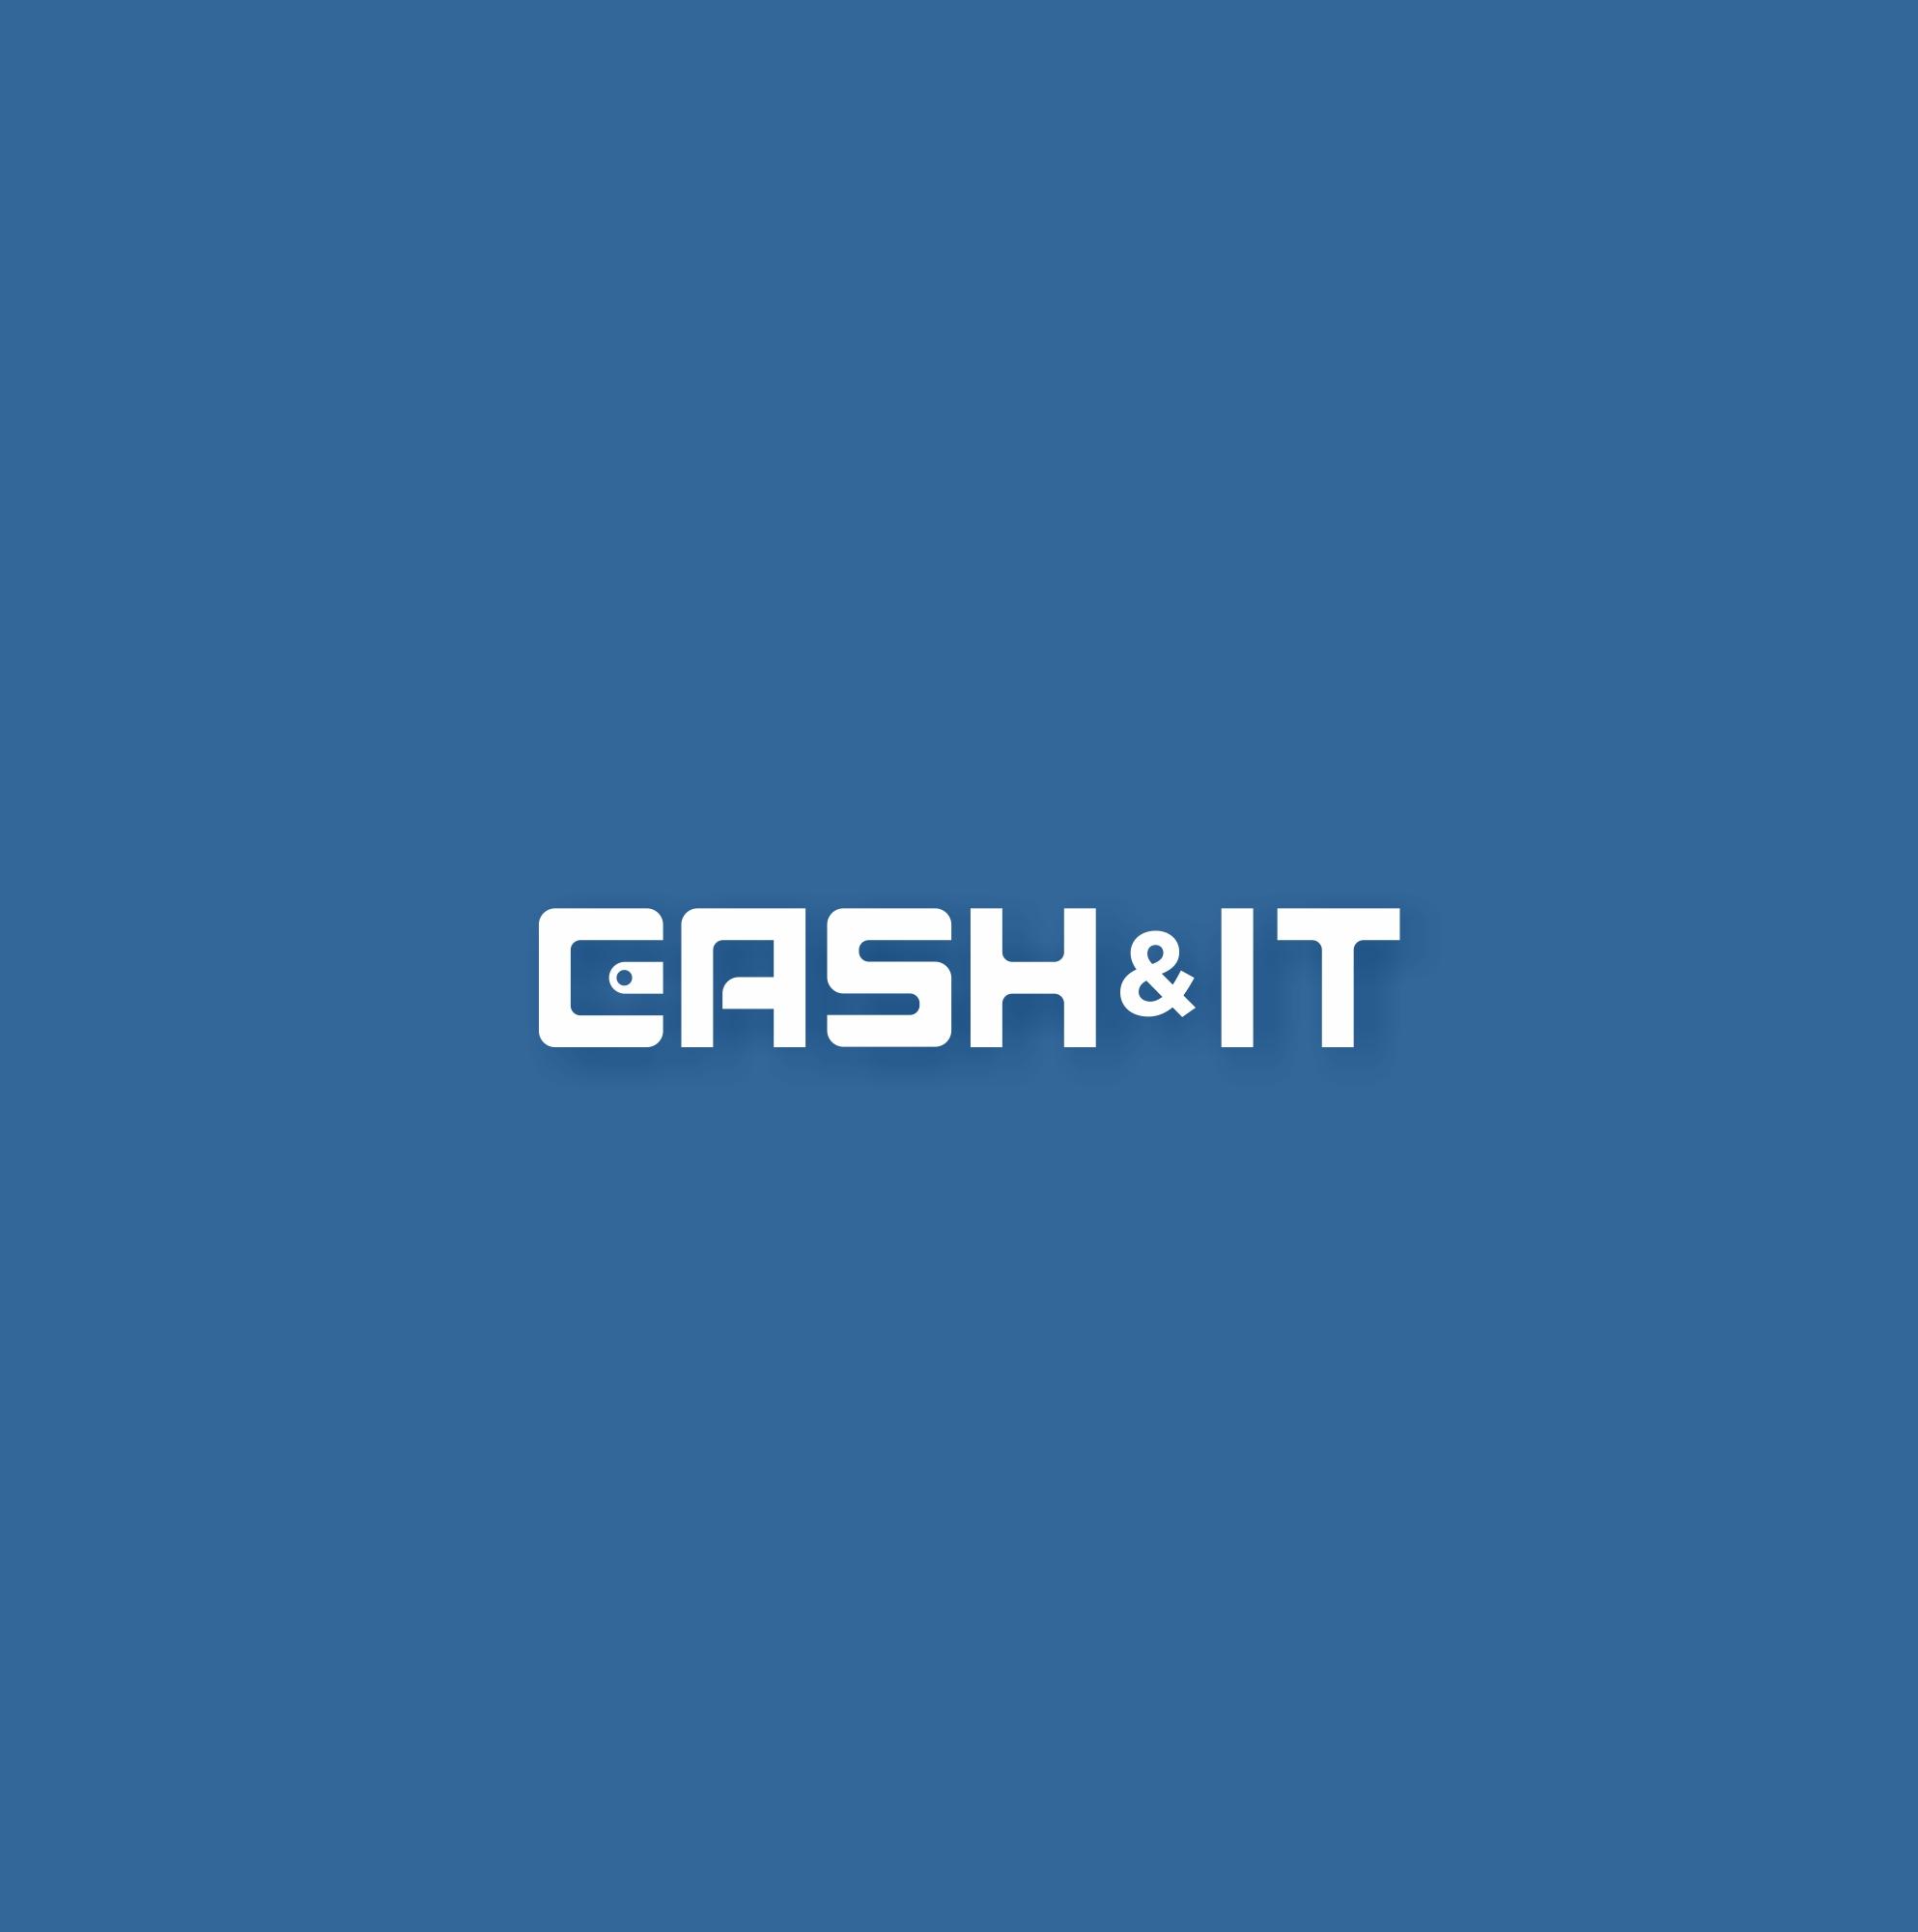 Логотип для Cash & IT - сервис доставки денег фото f_2295fdf64dc508d6.jpg